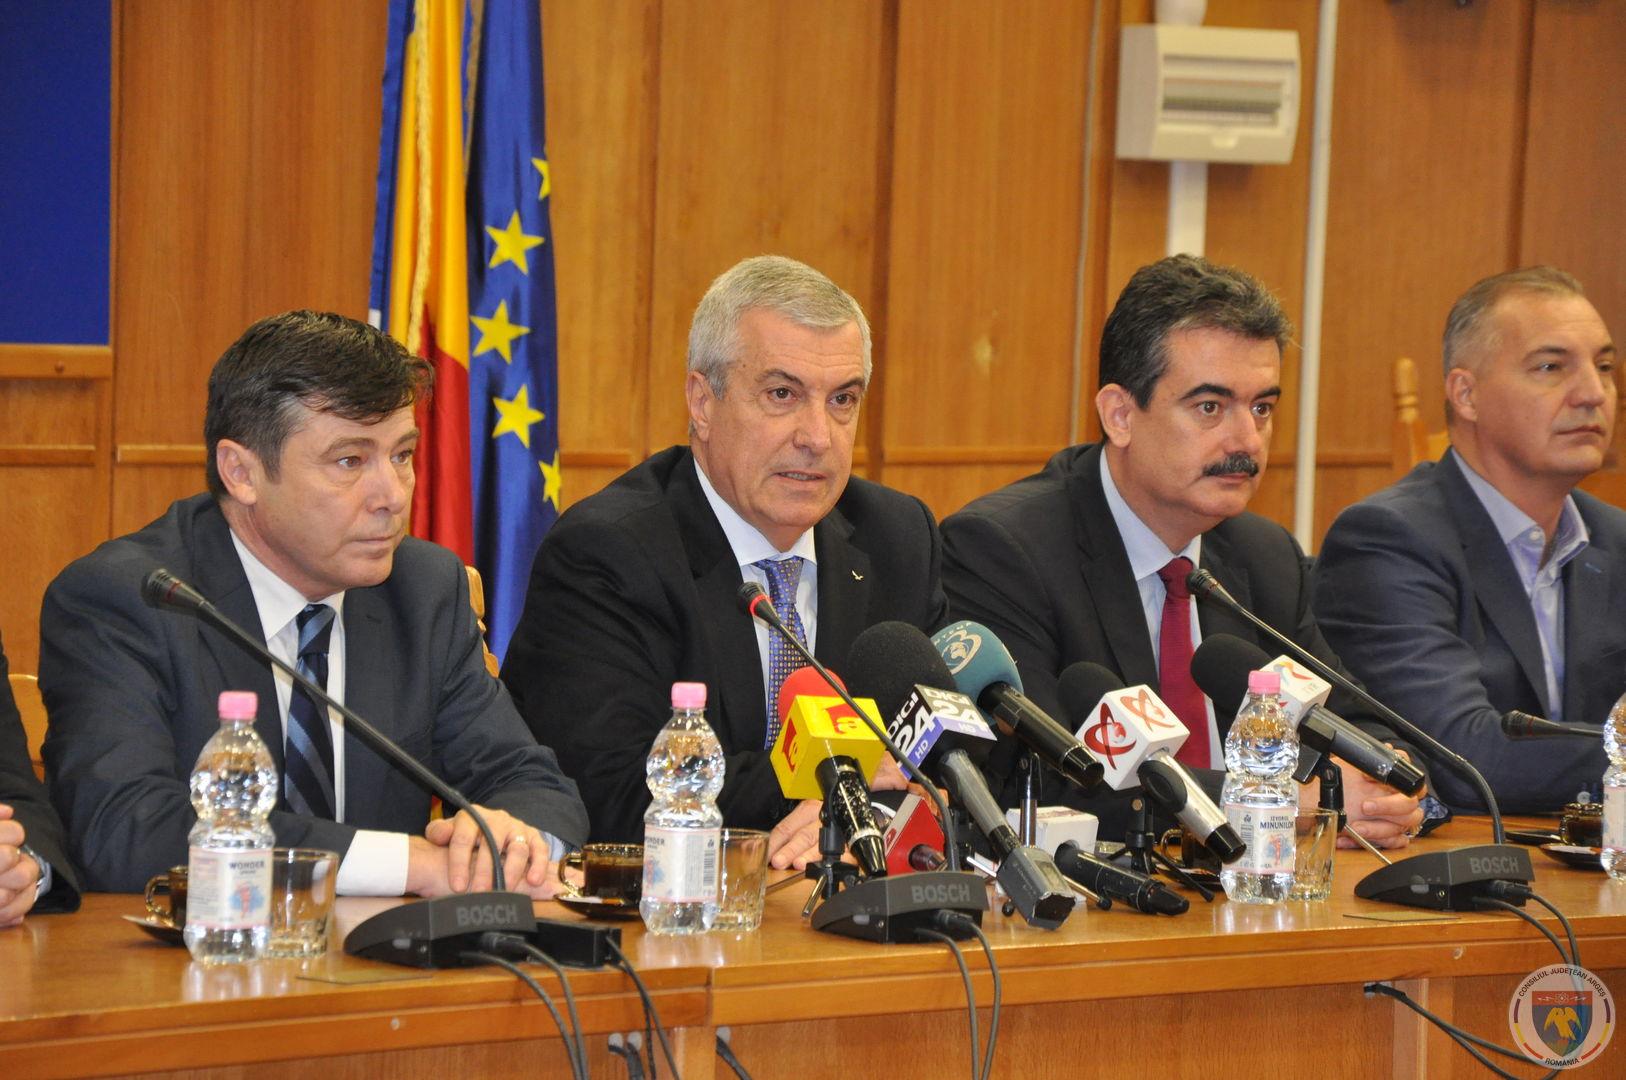 Vizita Calin Popescu Tariceanu 11.11.2014 (19).JPG